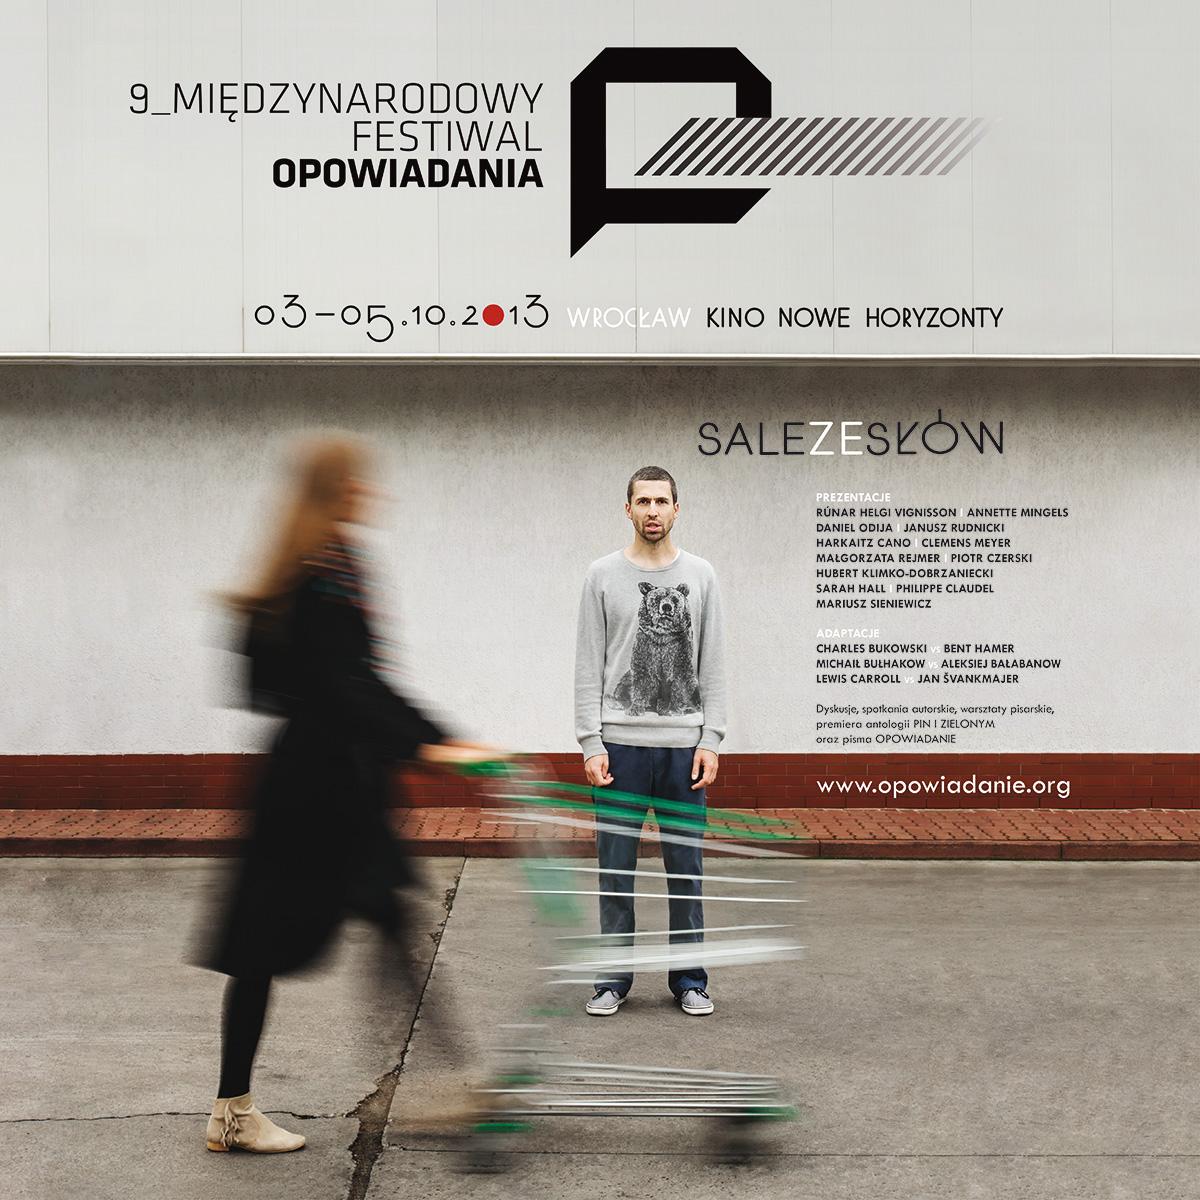 9. Międzynarodowy Festiwal Opowiadania – plakat (źródło: materiały prasowe)